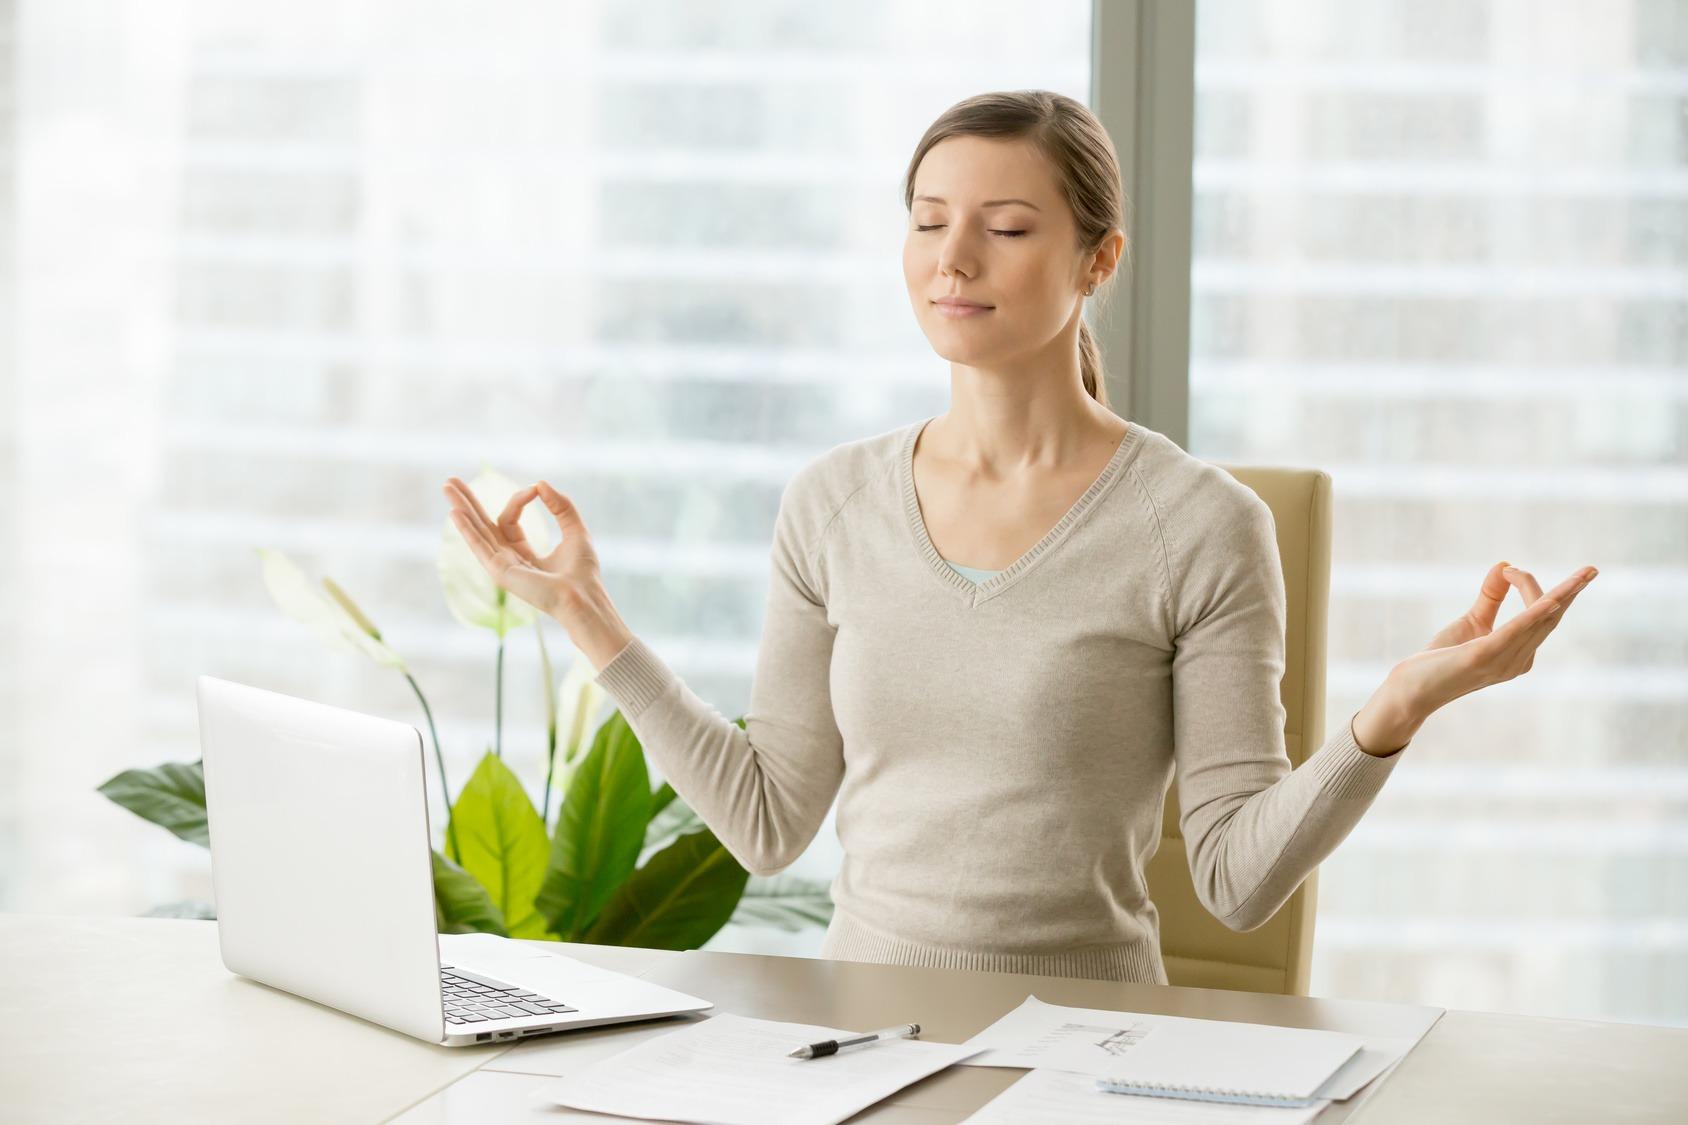 Eine entspannte Geschäftsfrau macht Atemübungen zur besseren Konzentration an ihrem Arbeitsplatz.